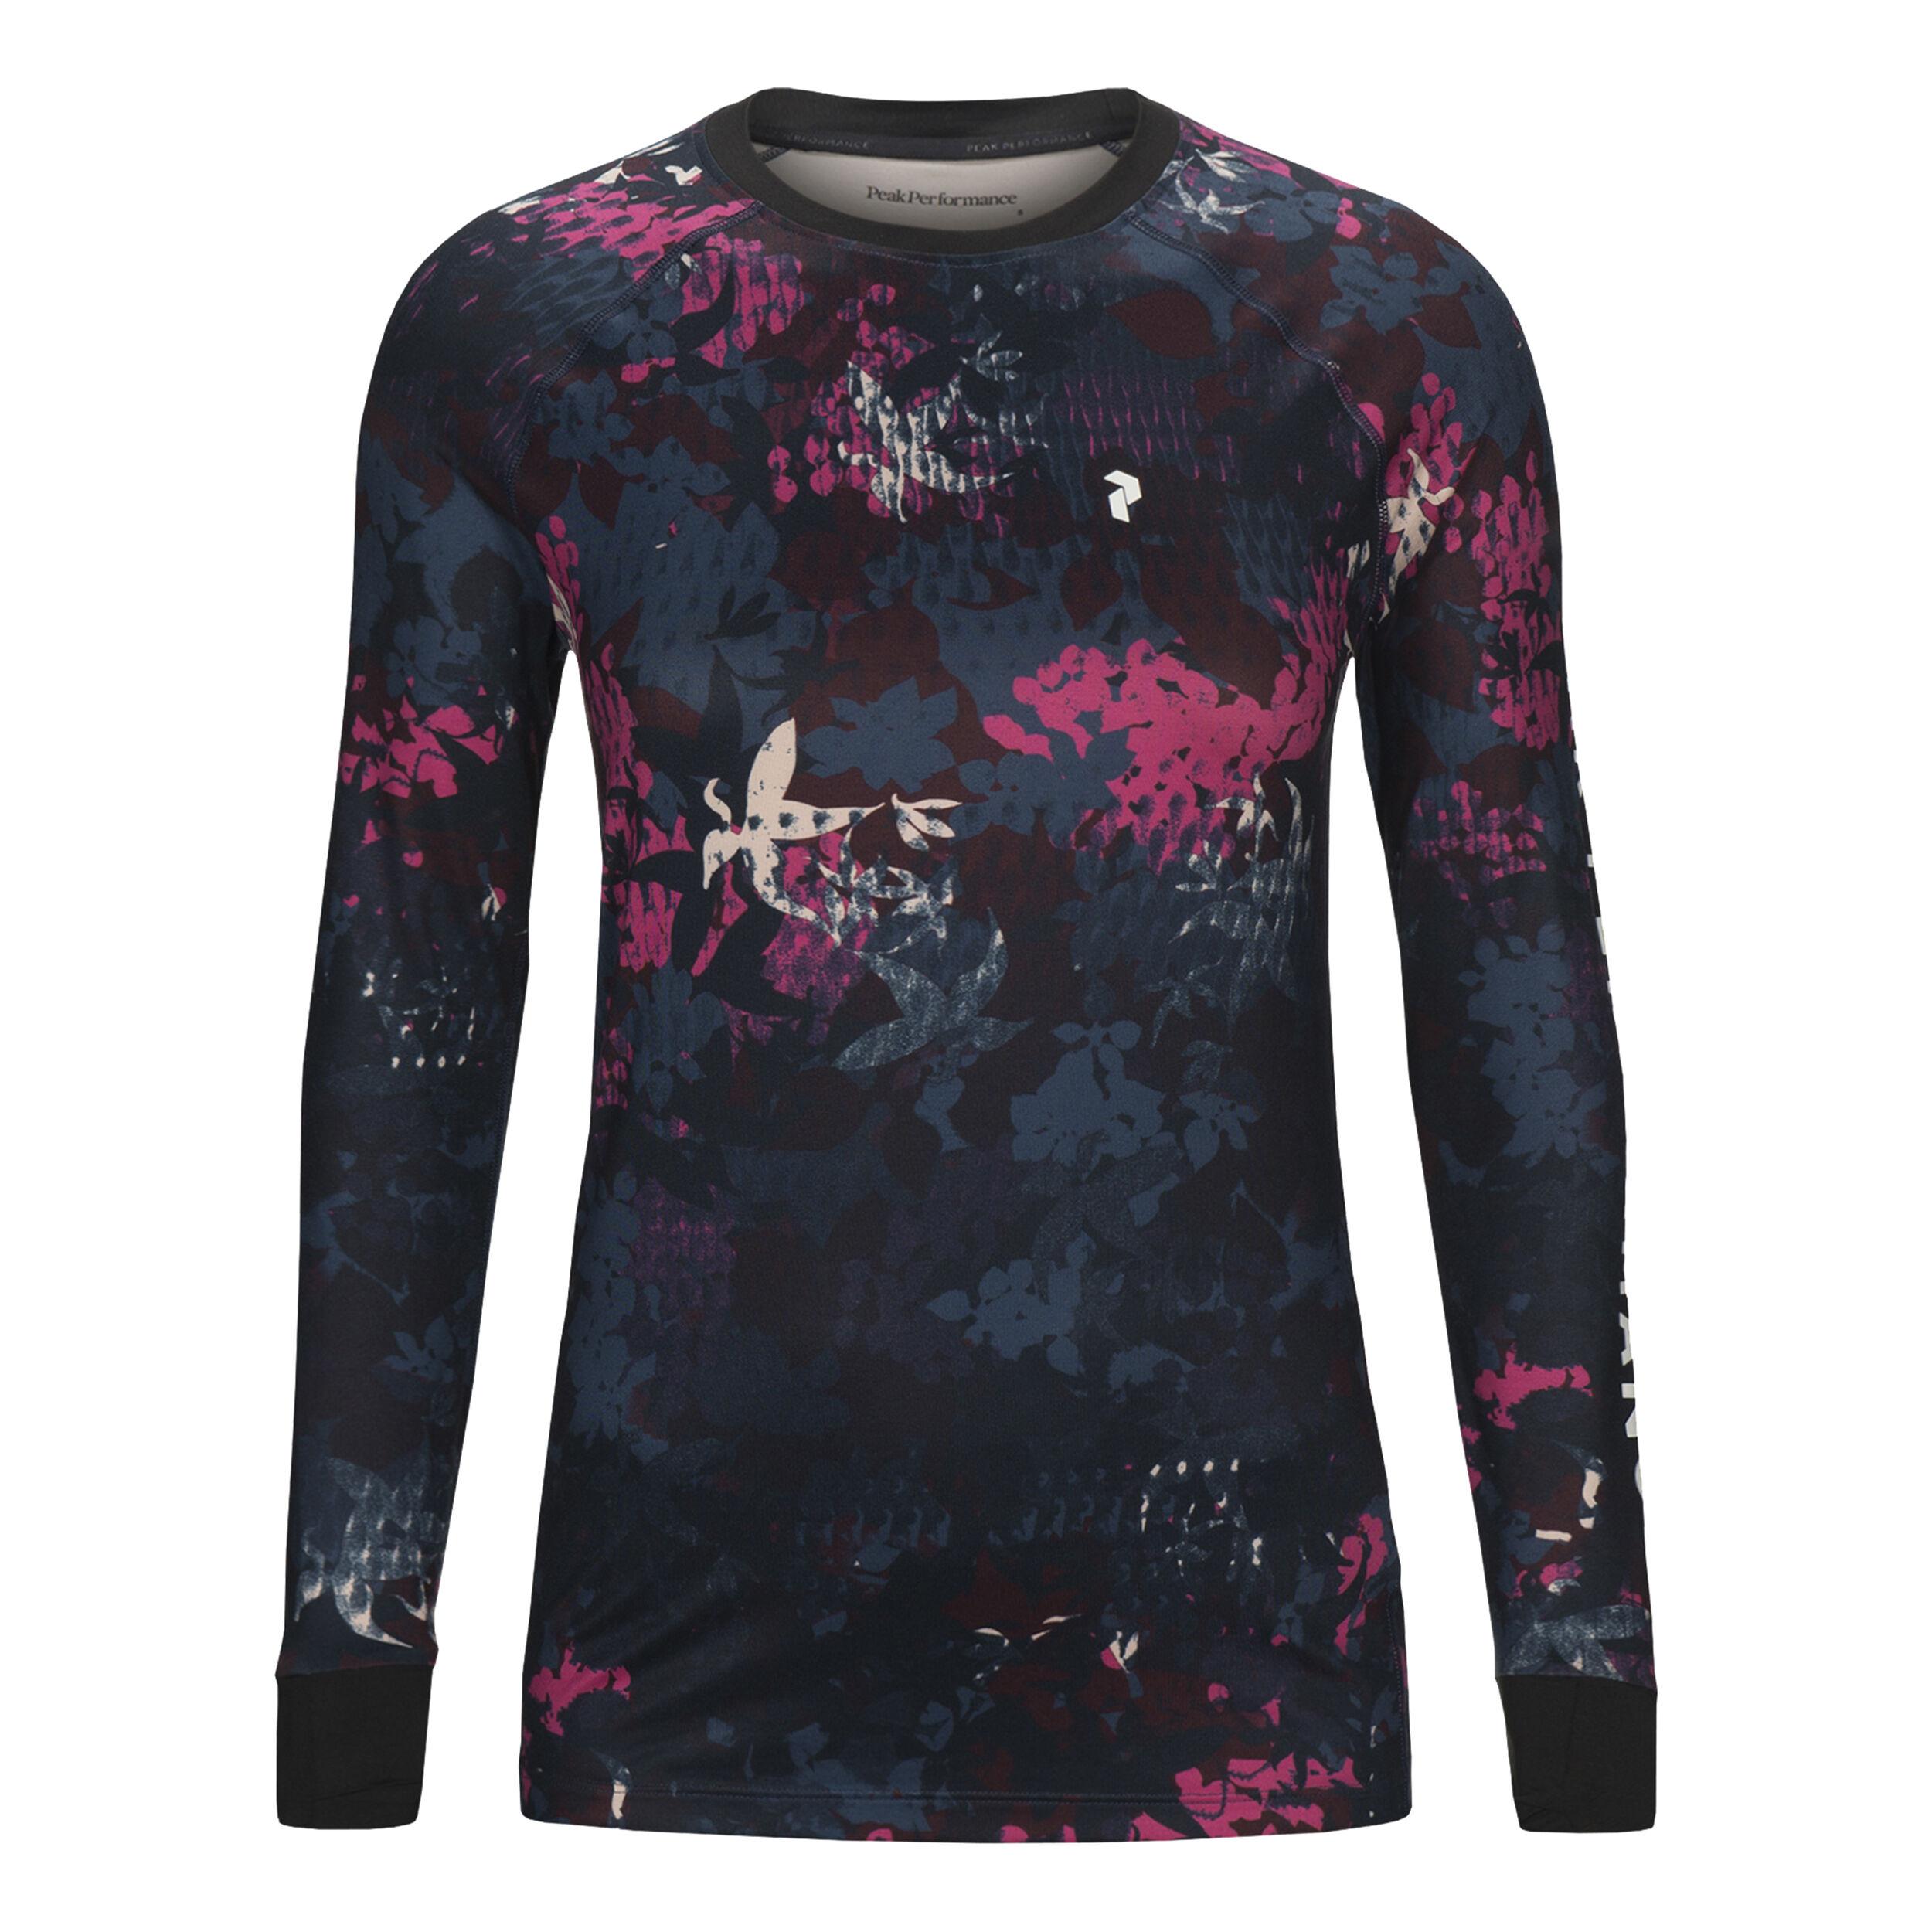 Designer Nike Performance Braun T Shirt Für Herren | Outlet